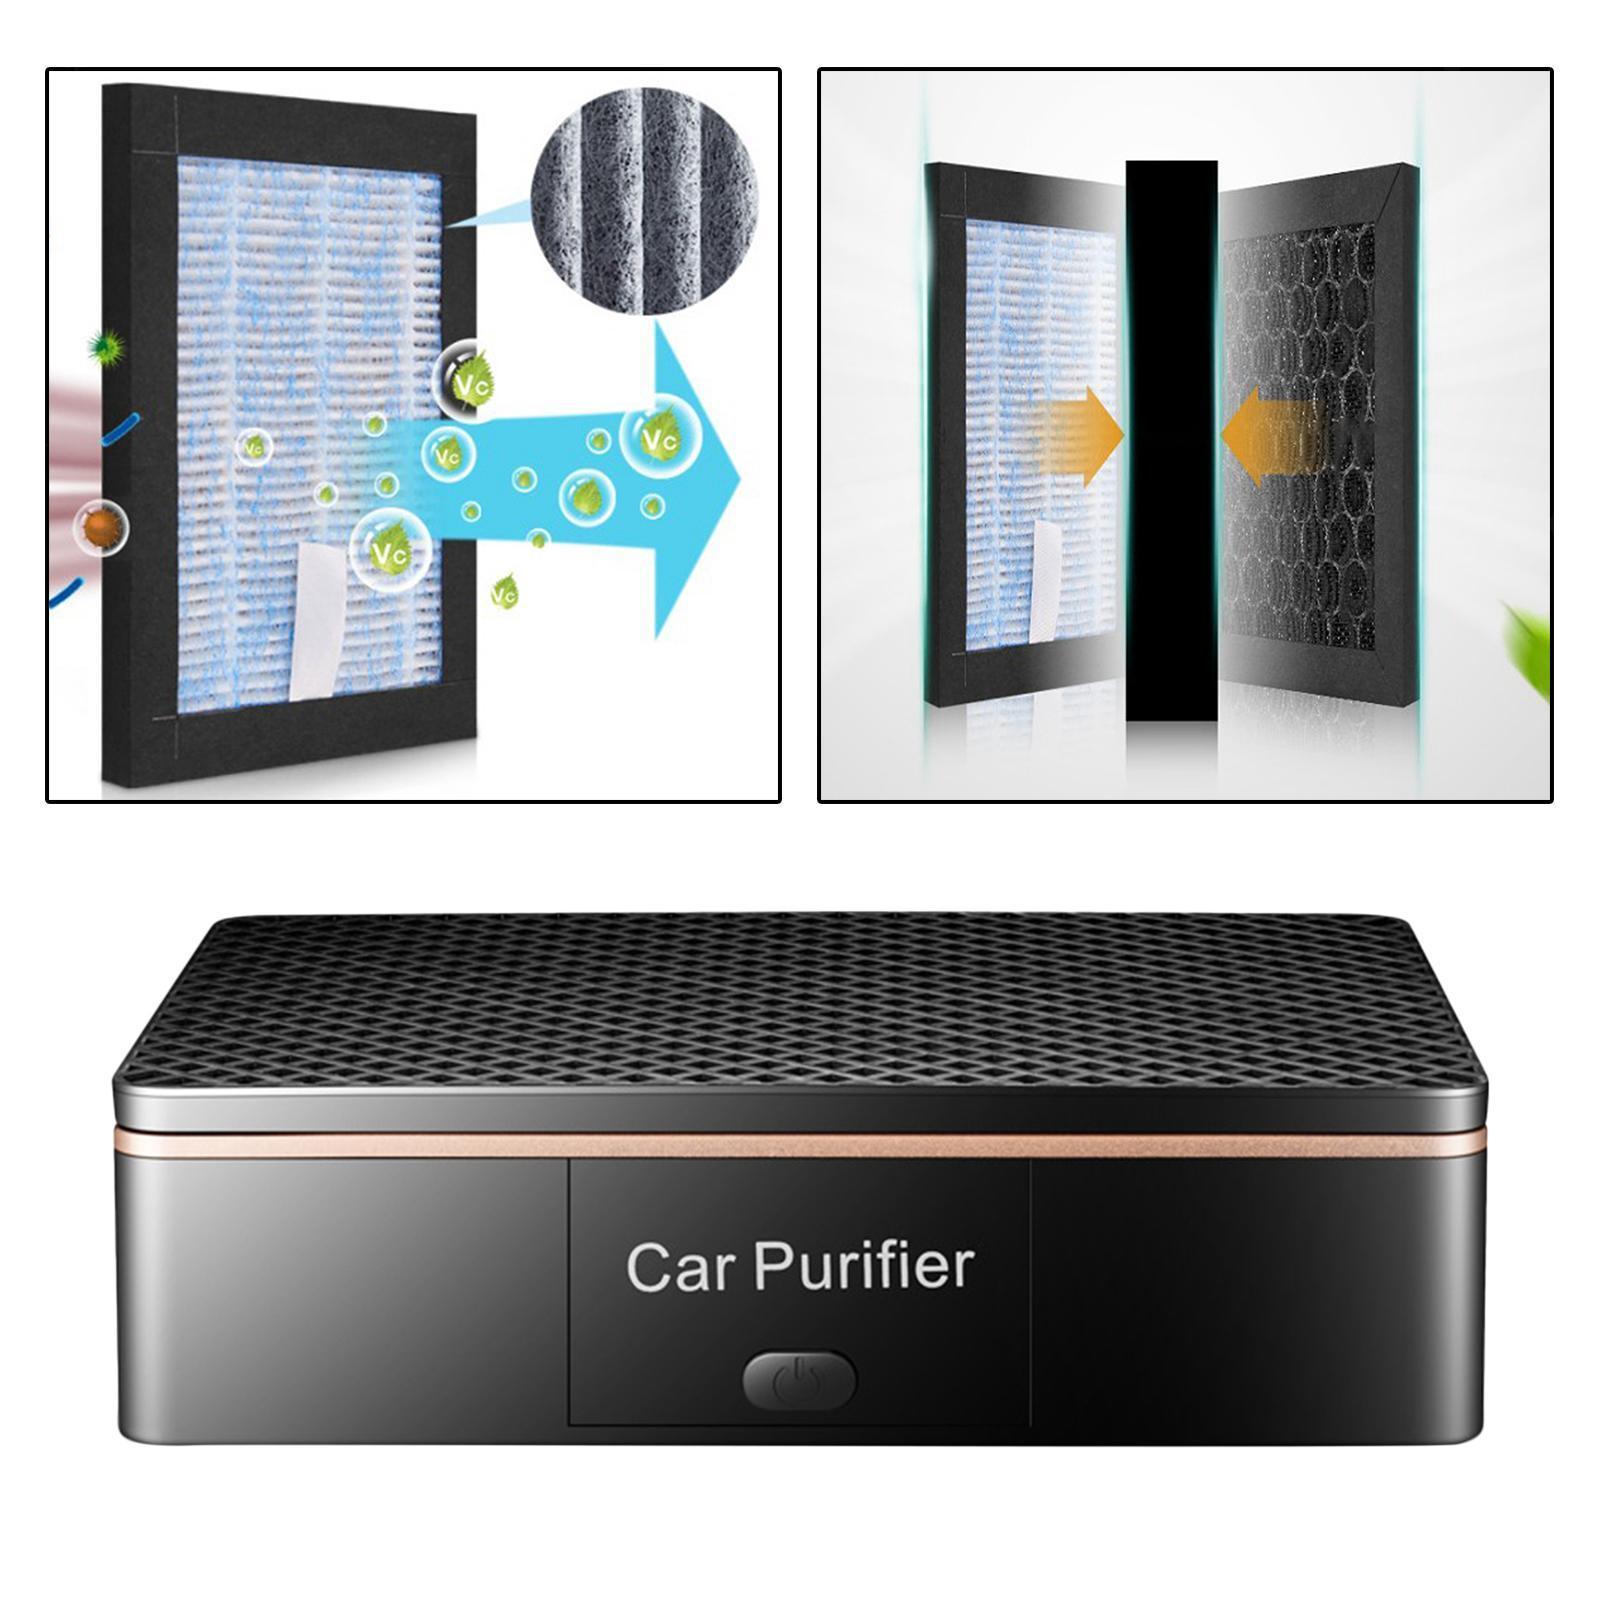 Indexbild 21 - Auto Air Purifier Luft Reiniger Deodorizer Ionisator für Home Office